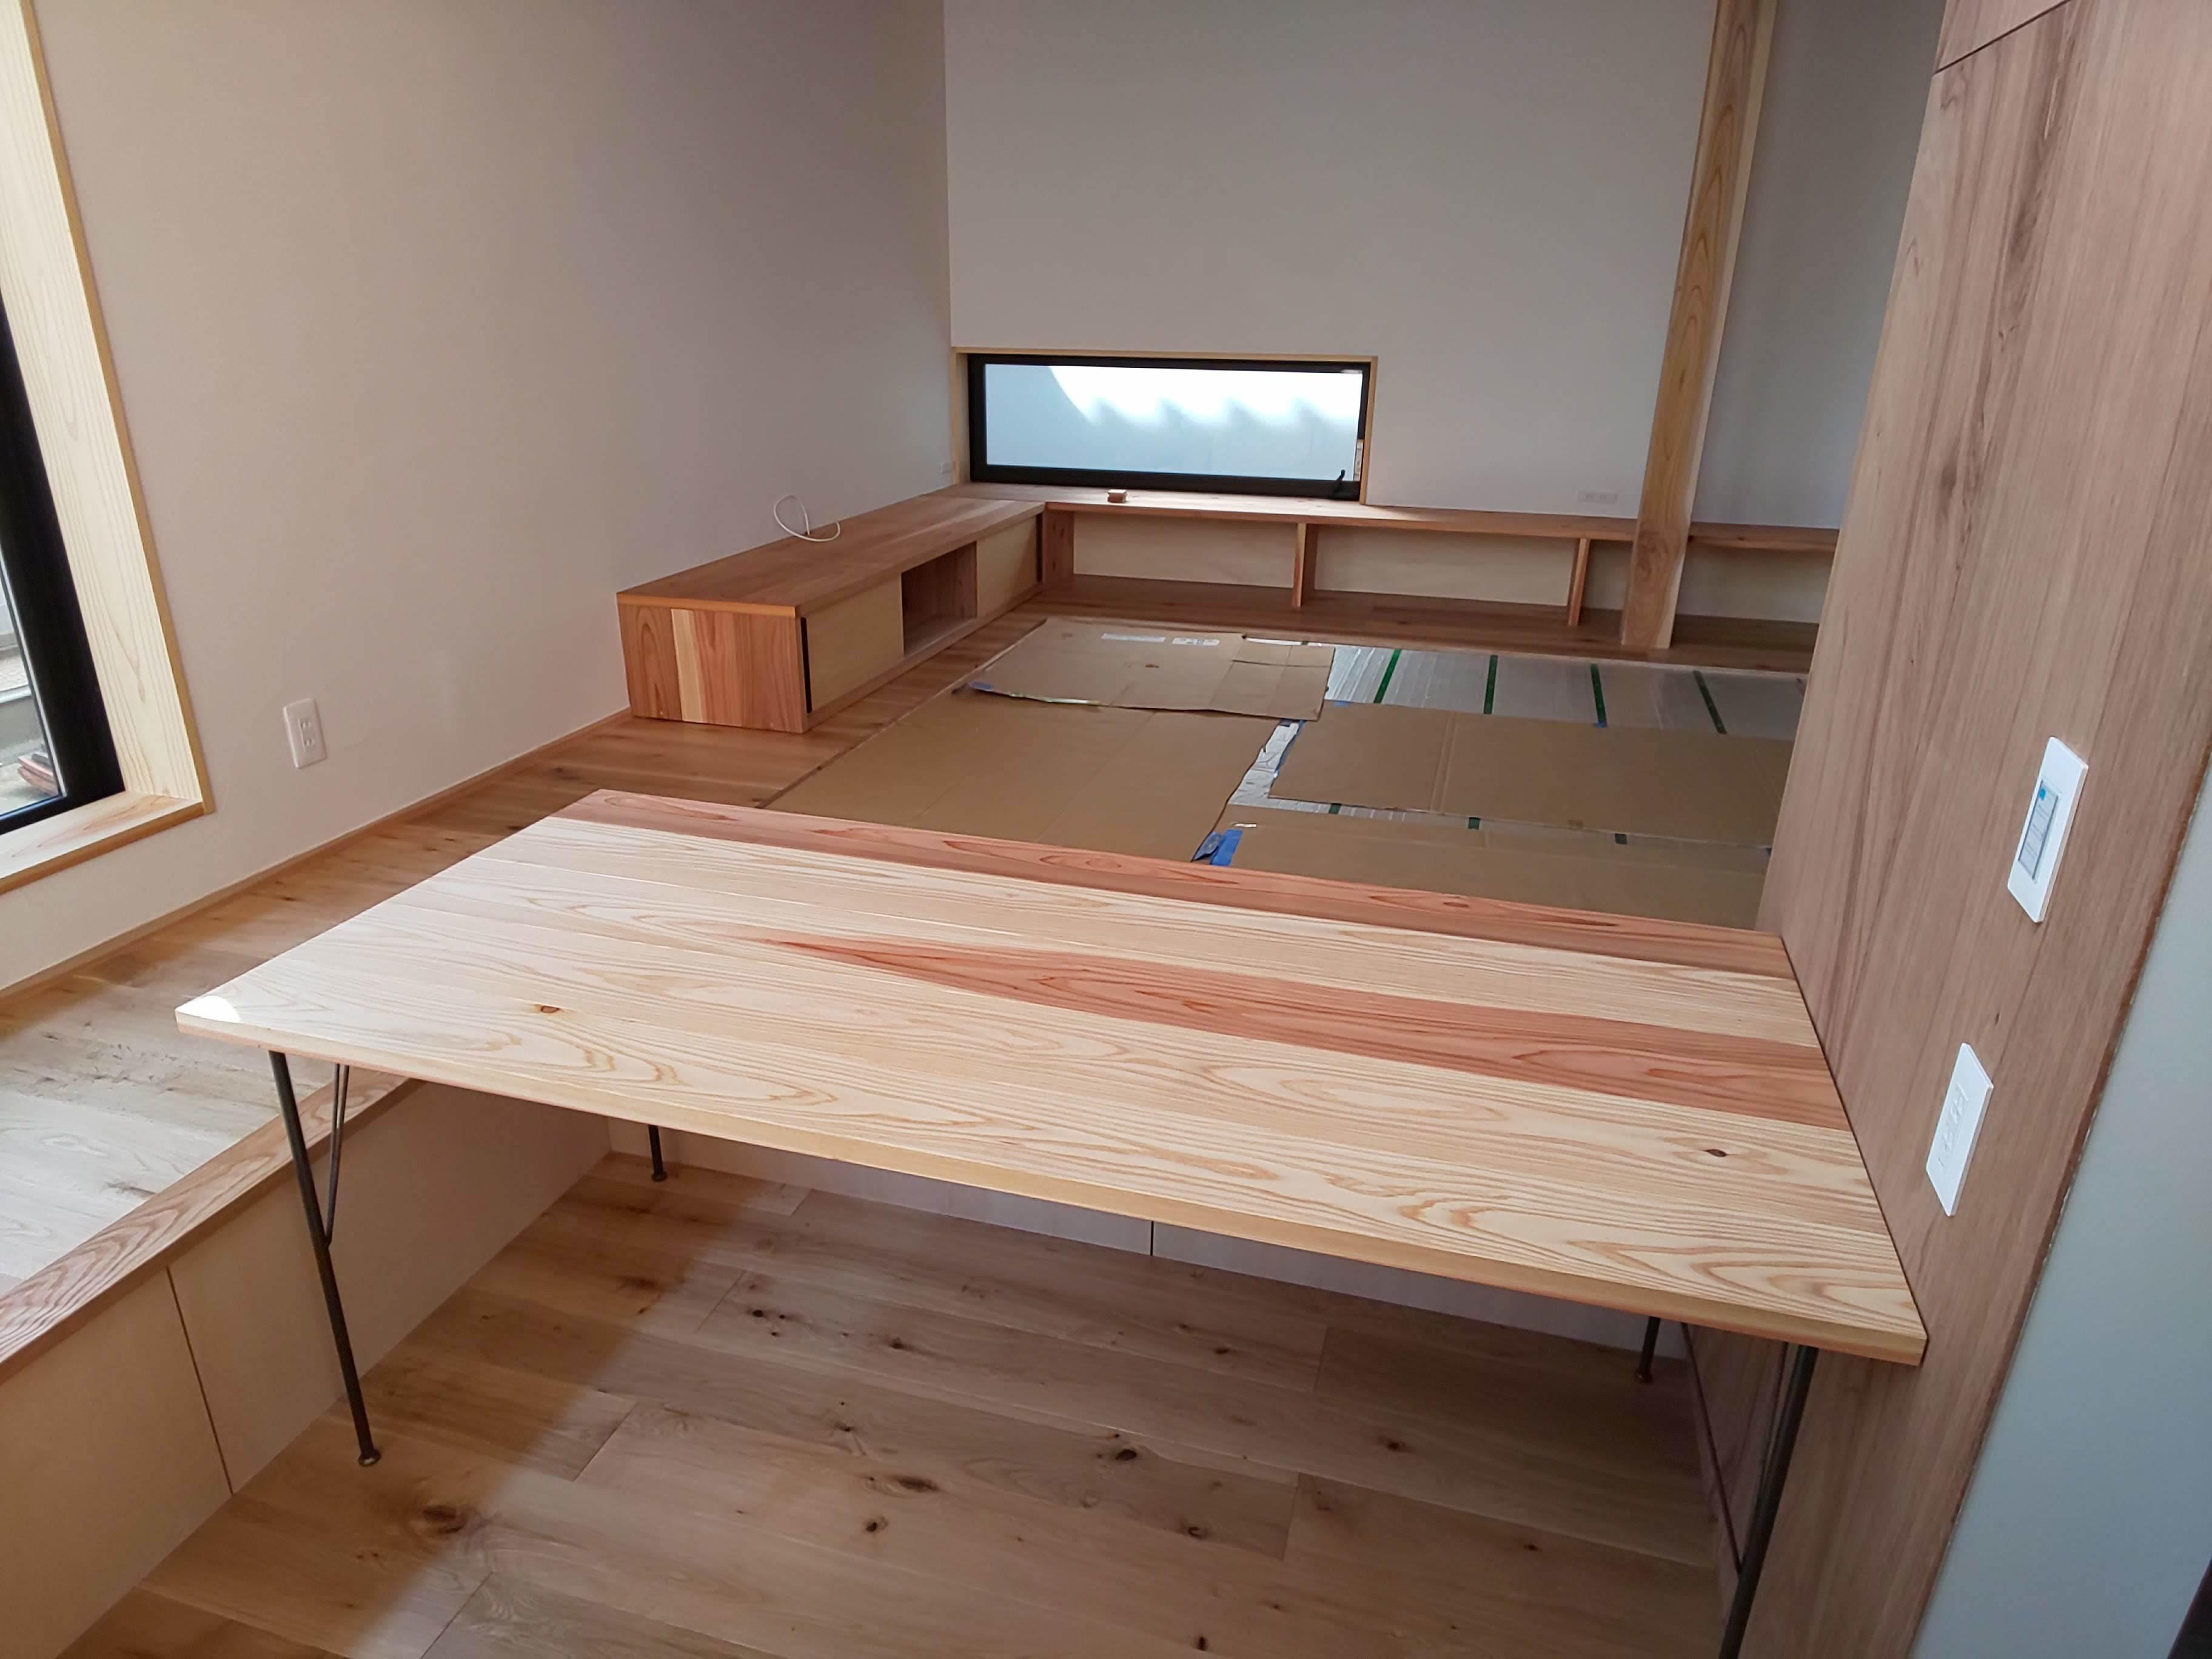 ■テーブル・カウンター組立て■_e0188083_15184275.jpg